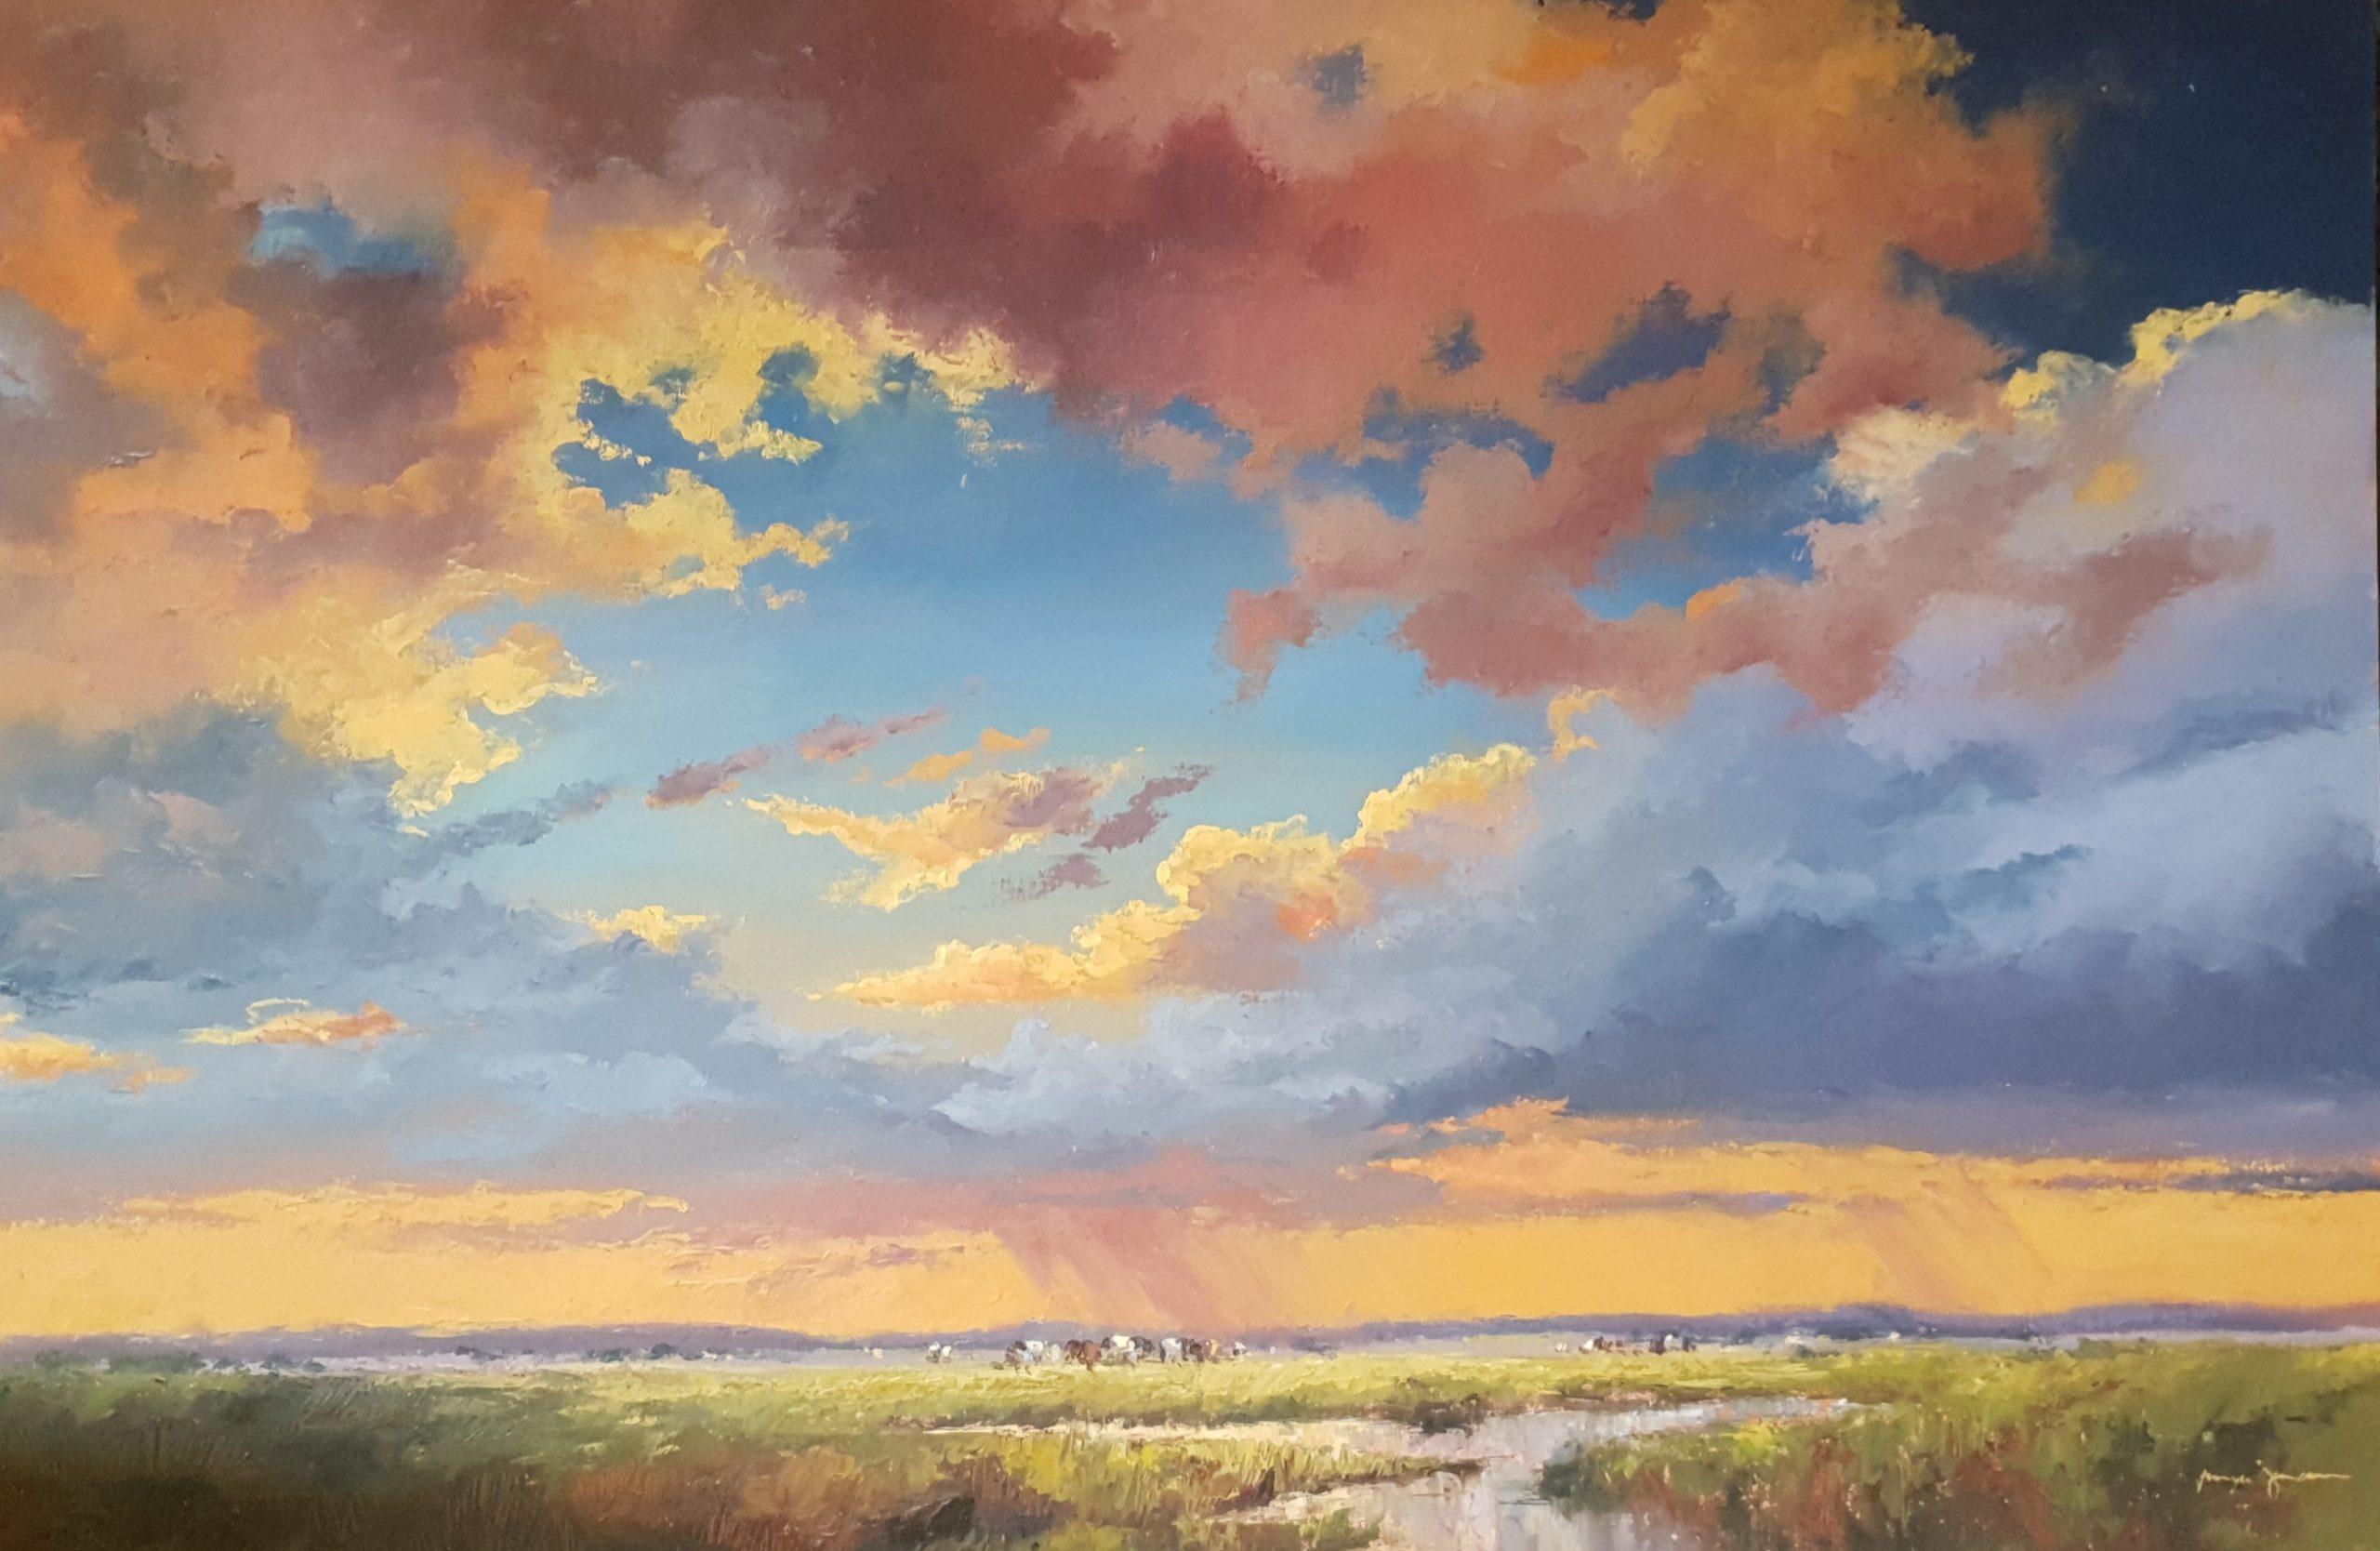 tanya landscape 776